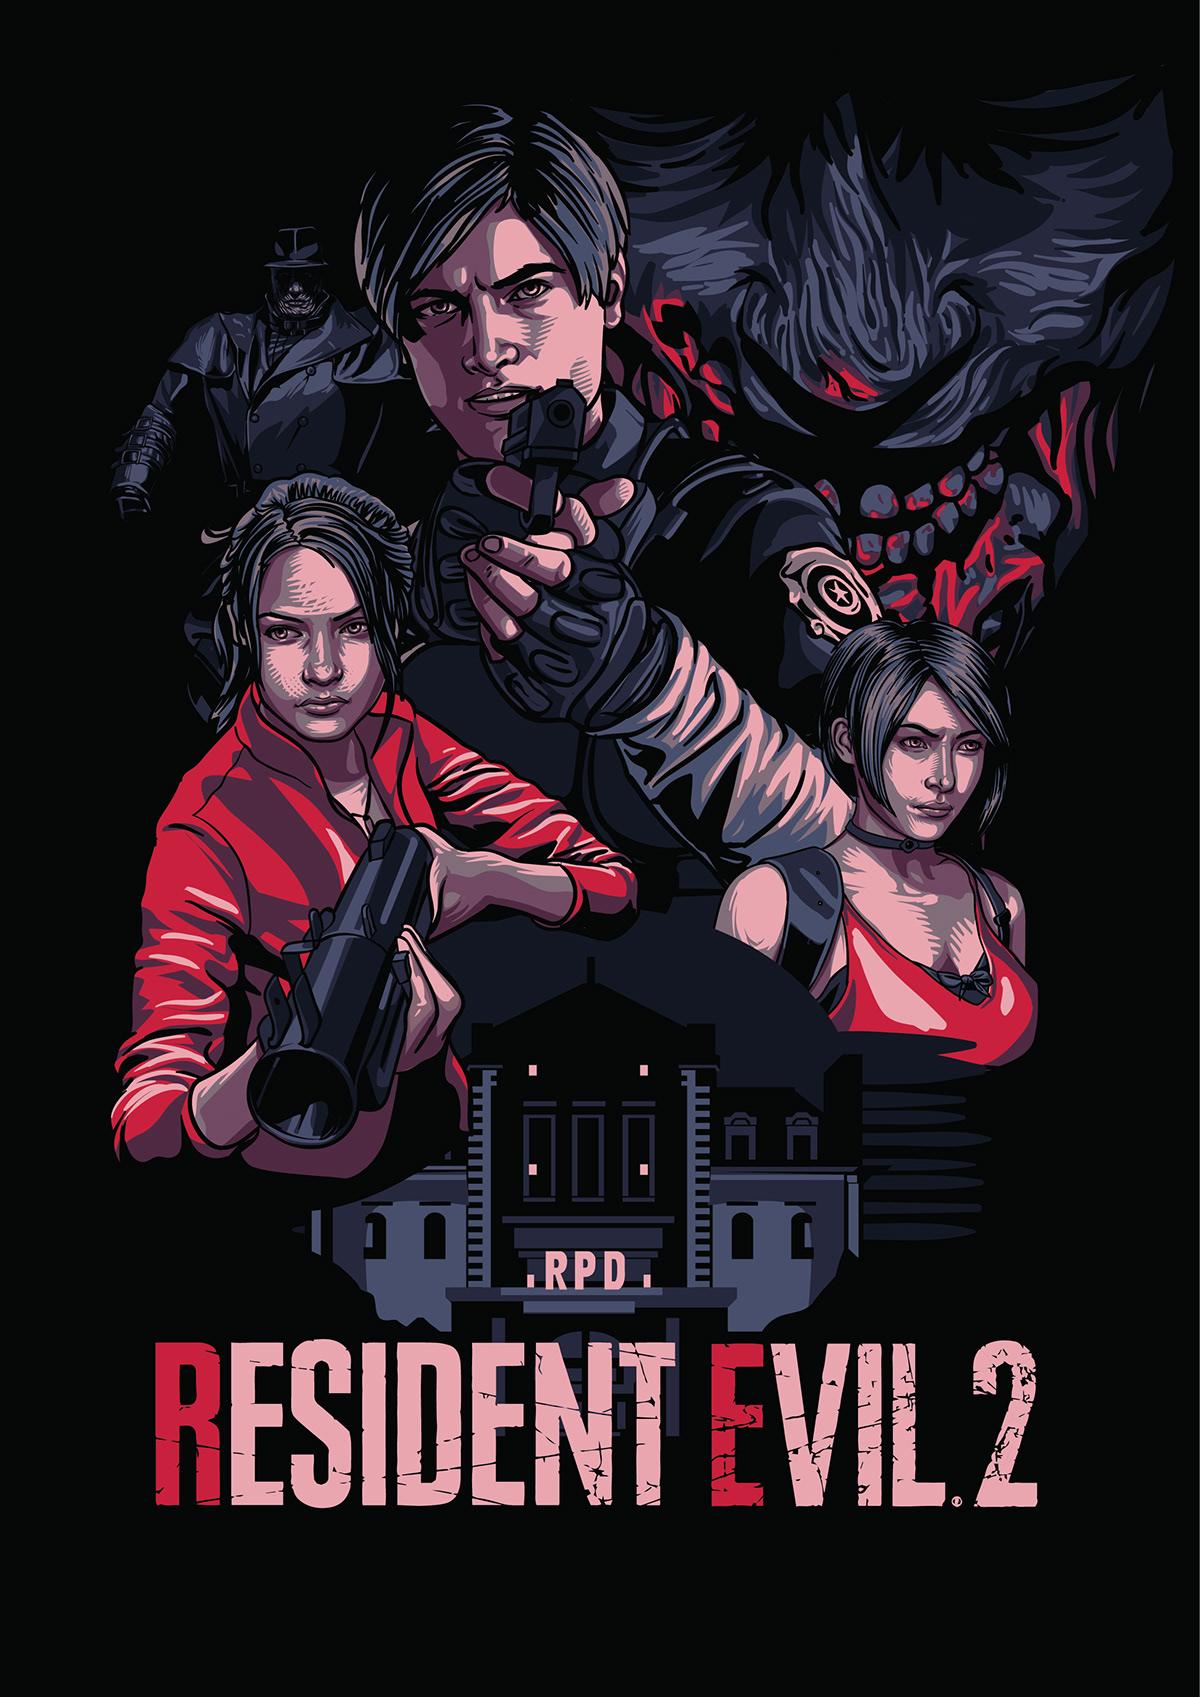 Resident Evil 2 Remake Poster On Behance